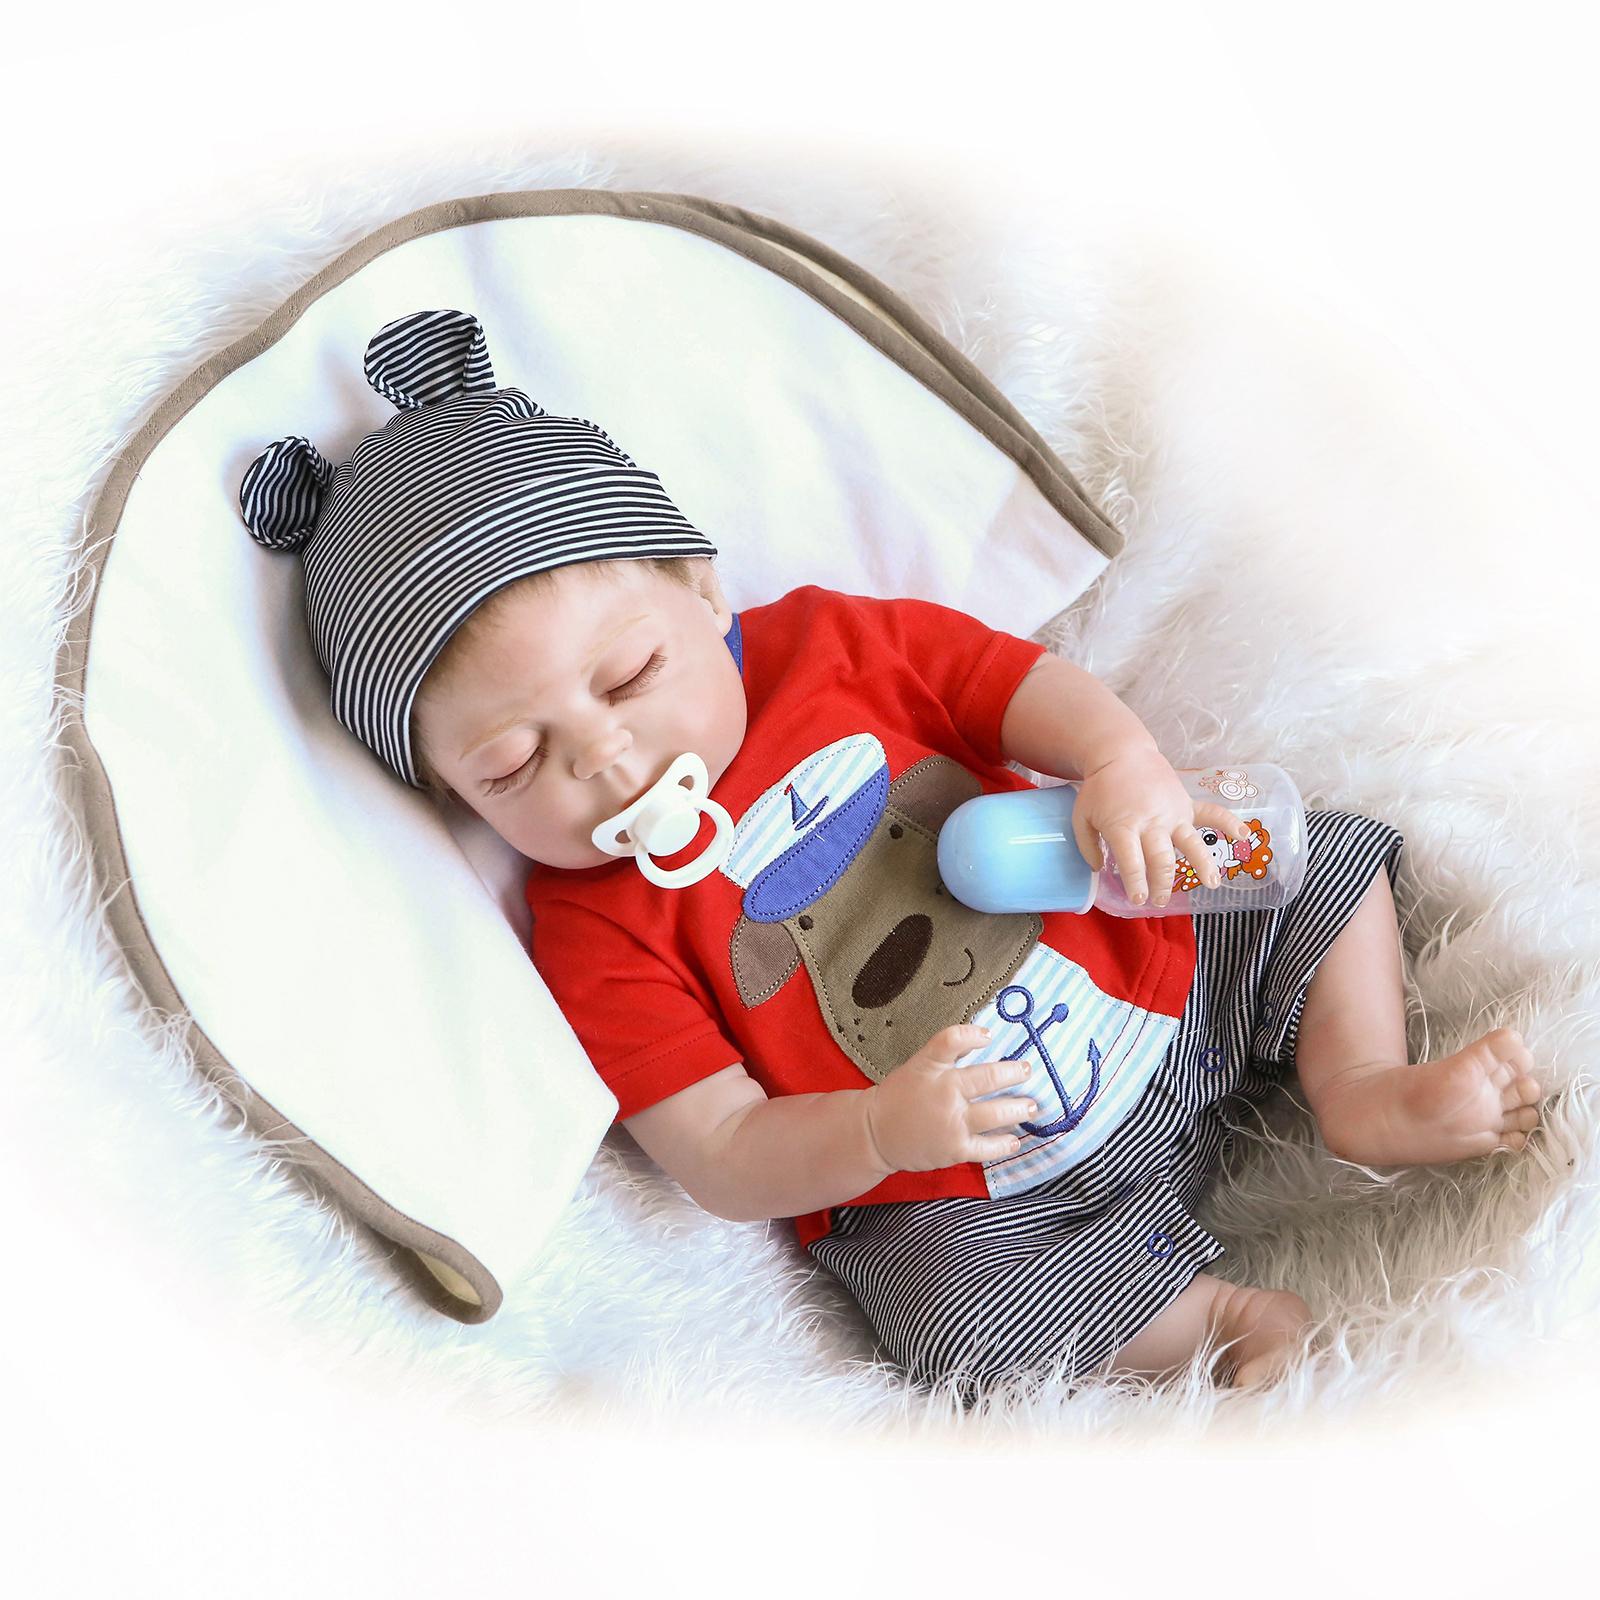 Doll newborn  Reborn Baby Full Body Vinyl Silicone Lifelike Dolls Boy Gift 22in